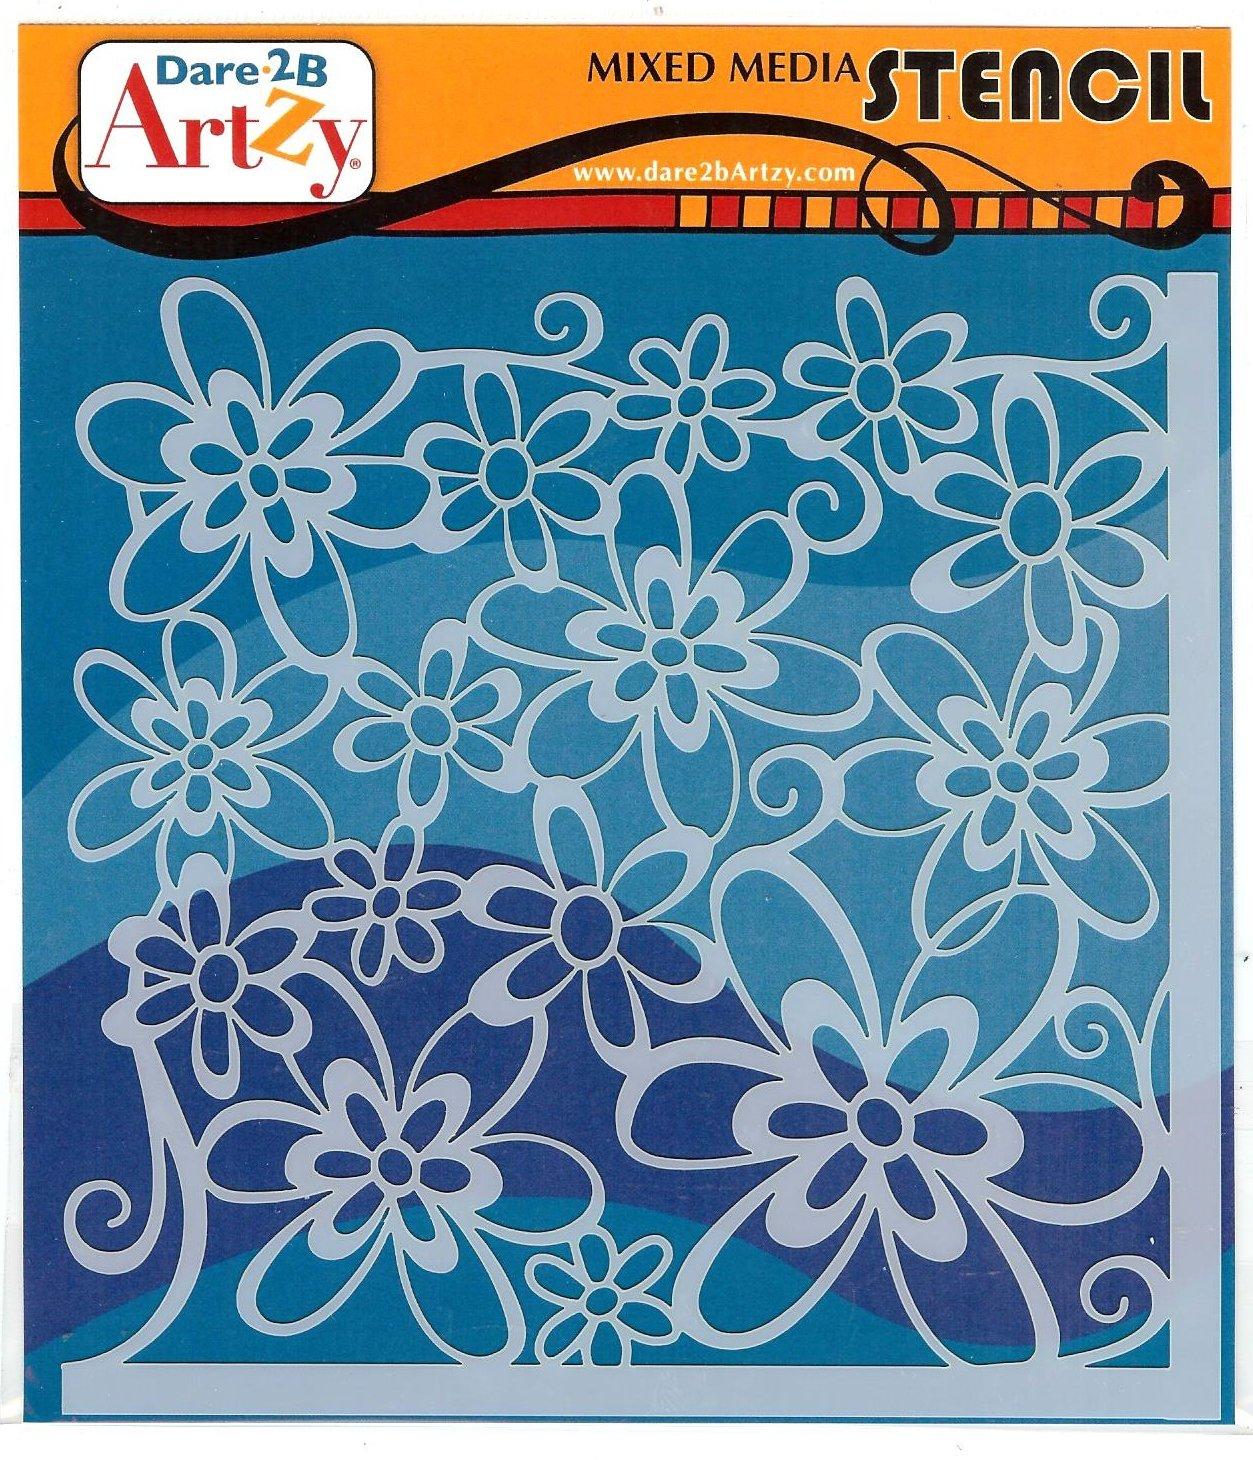 Dare 2B Artzy - Corner Flower Stencil